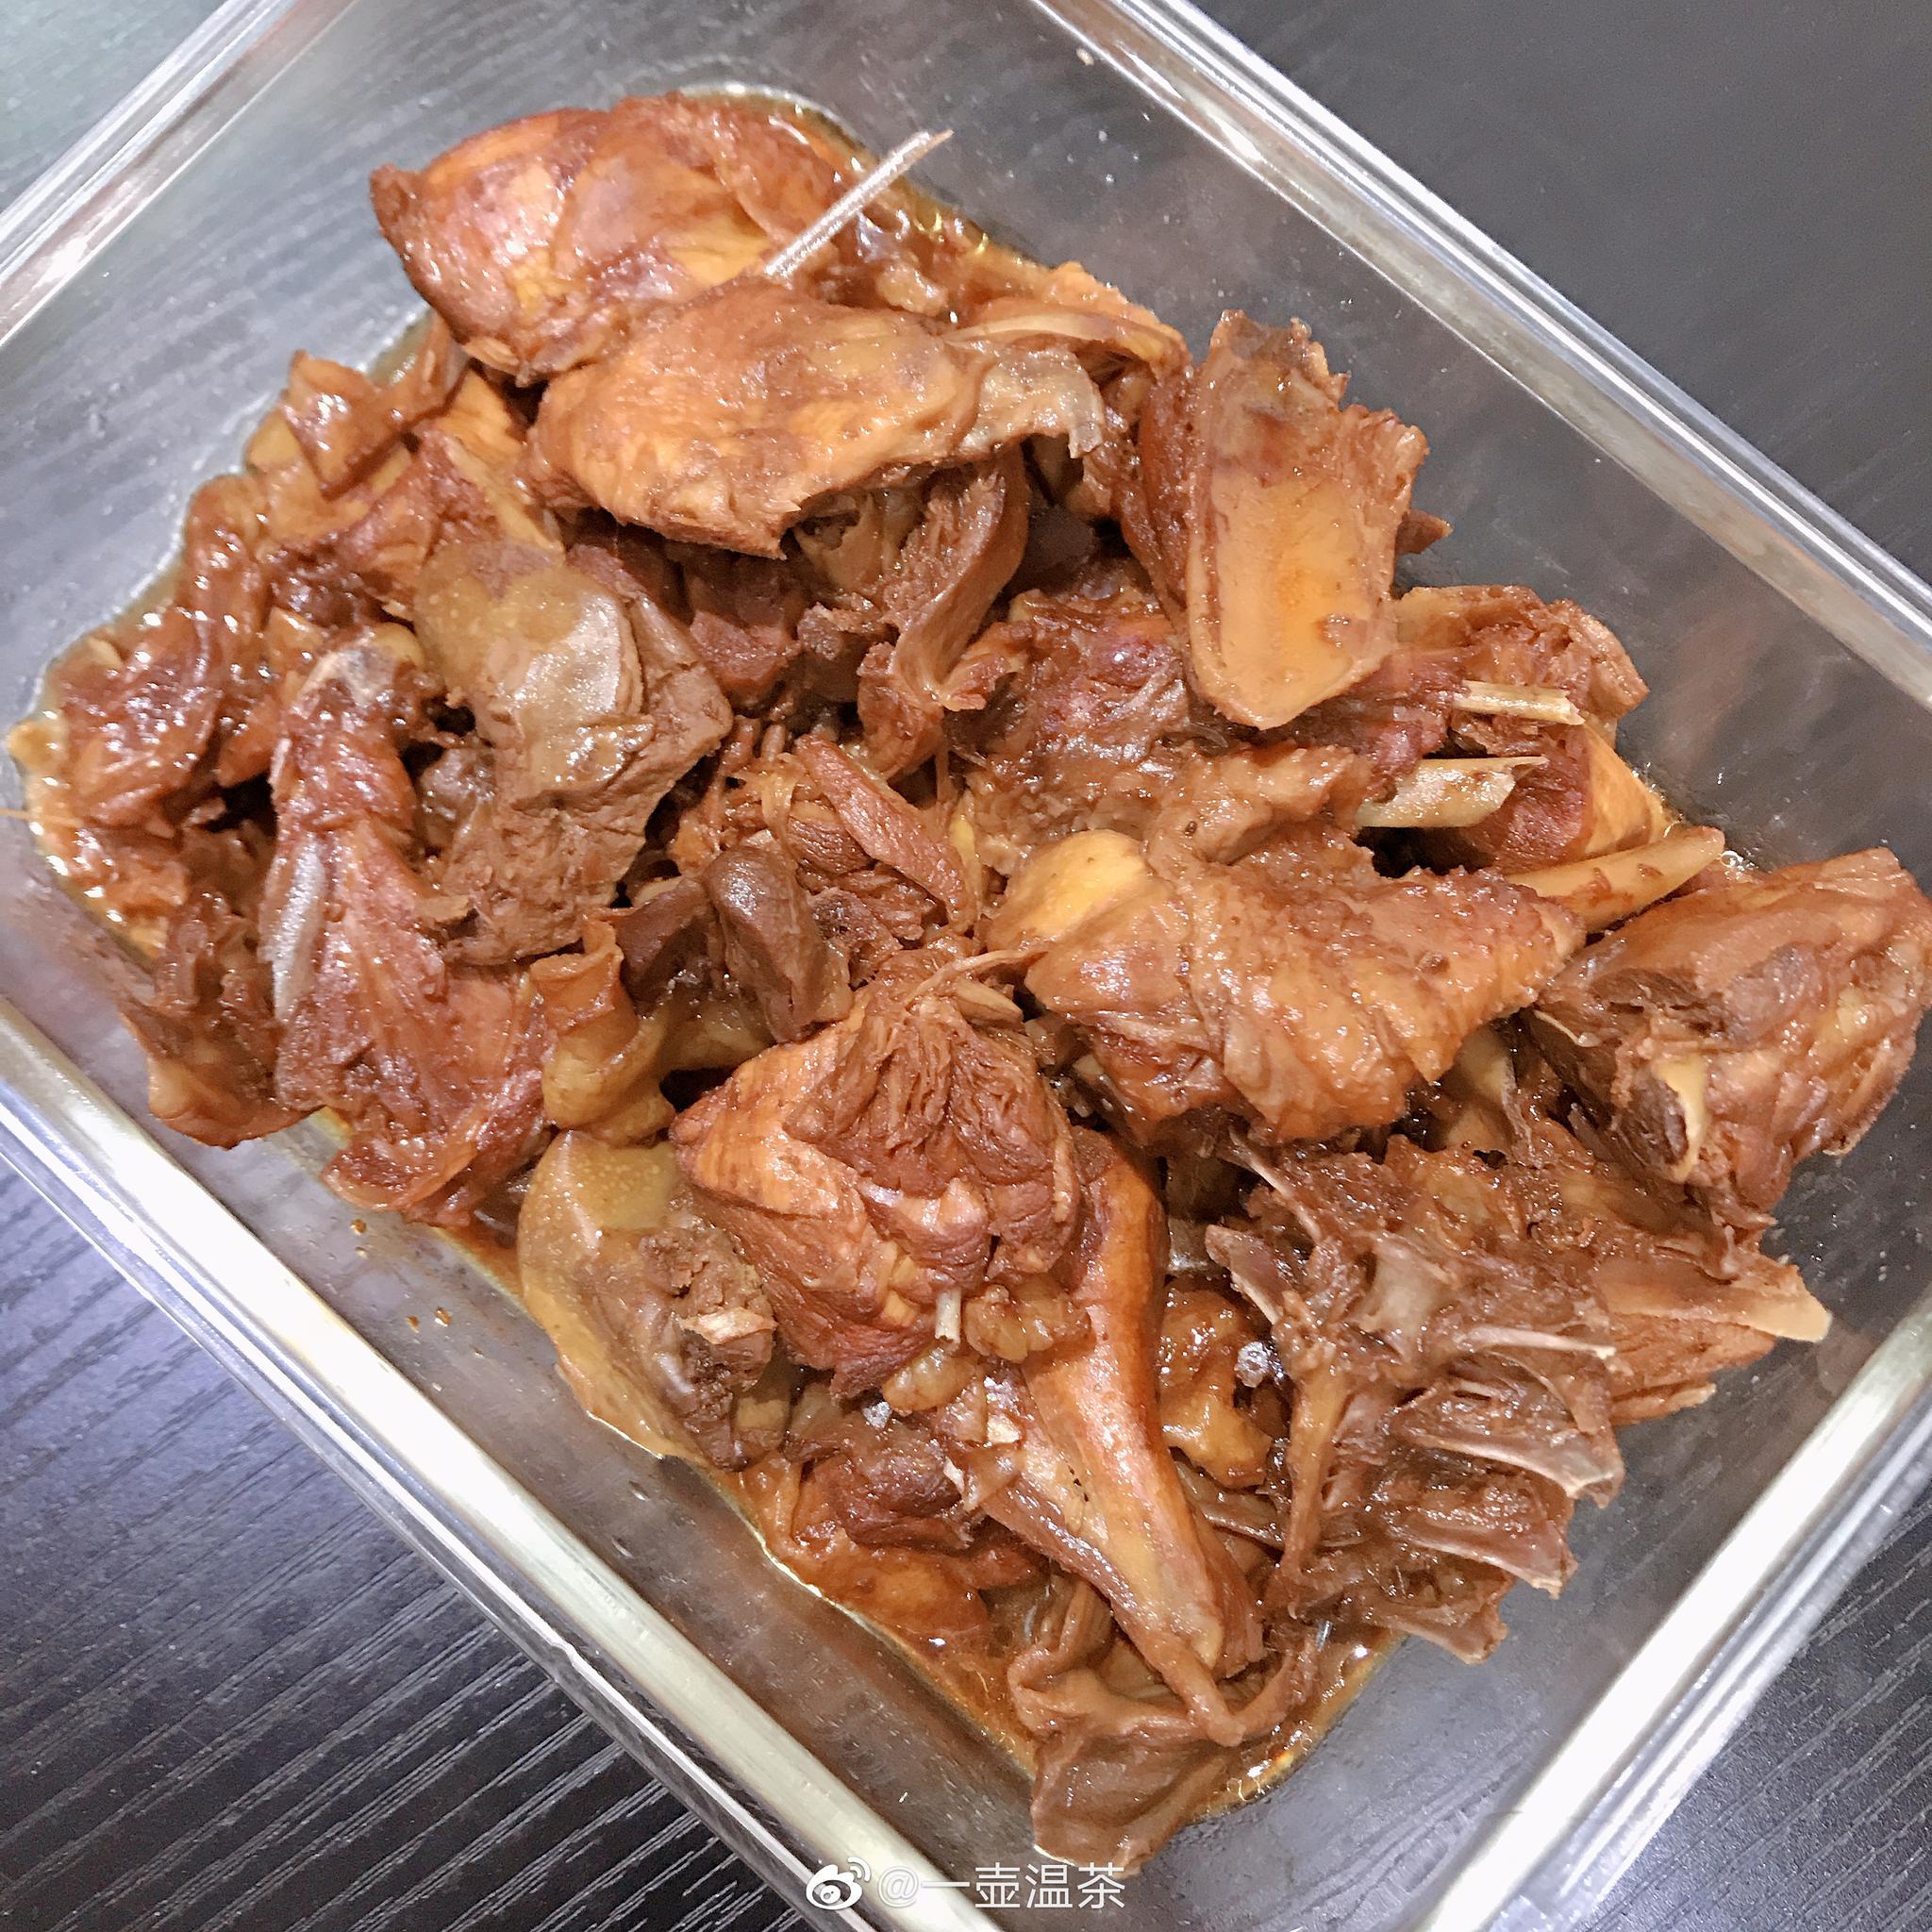 New Day 106p1 红烧鸡块 p2 花菜肉片 p3 肉末豇豆p4 荠菜豆腐 p5